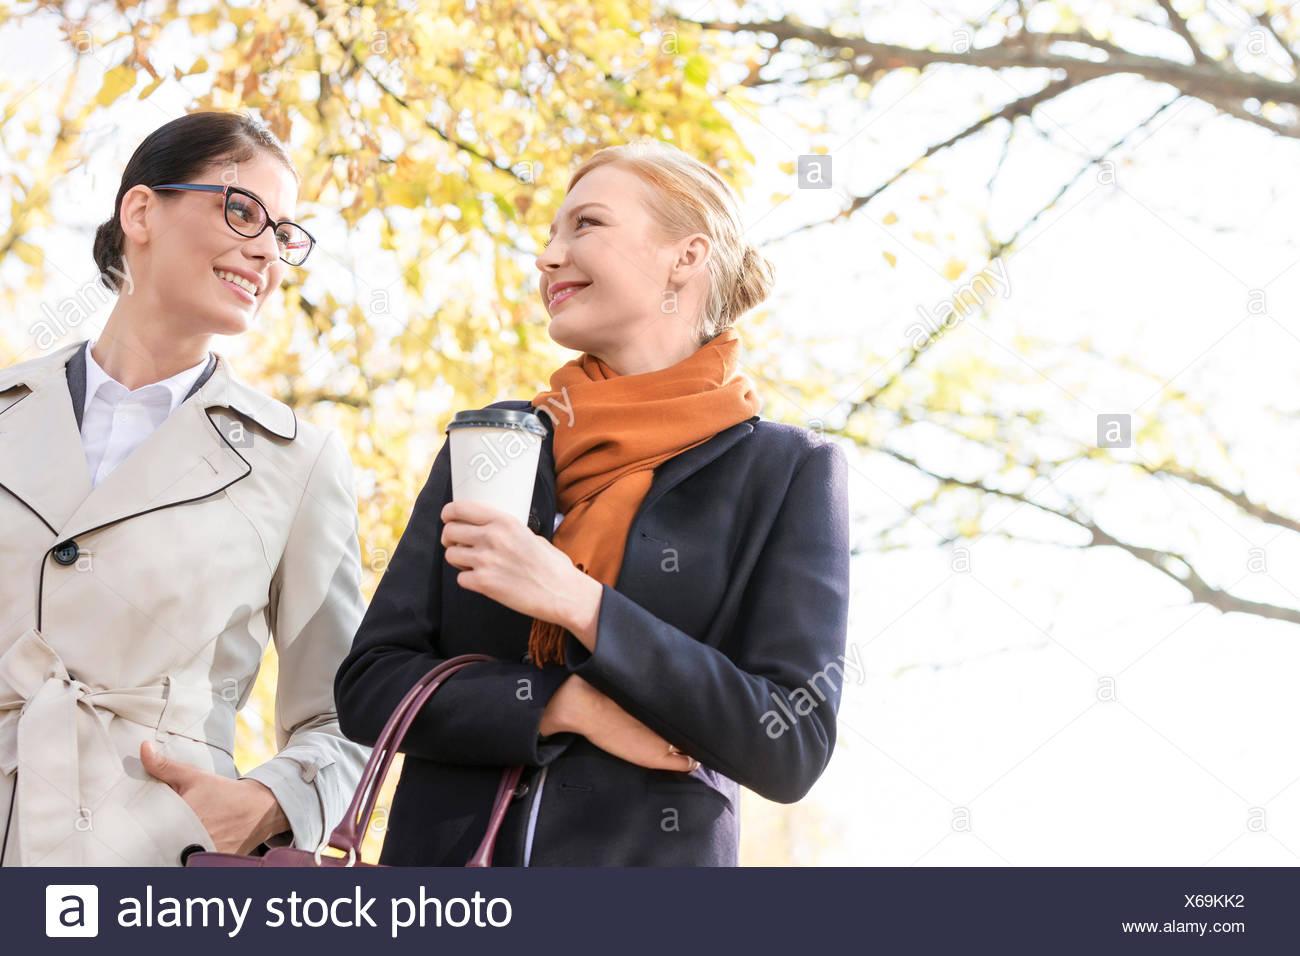 Basso angolo di vista sorridente imprenditrici a conversare in posizione di parcheggio Immagini Stock